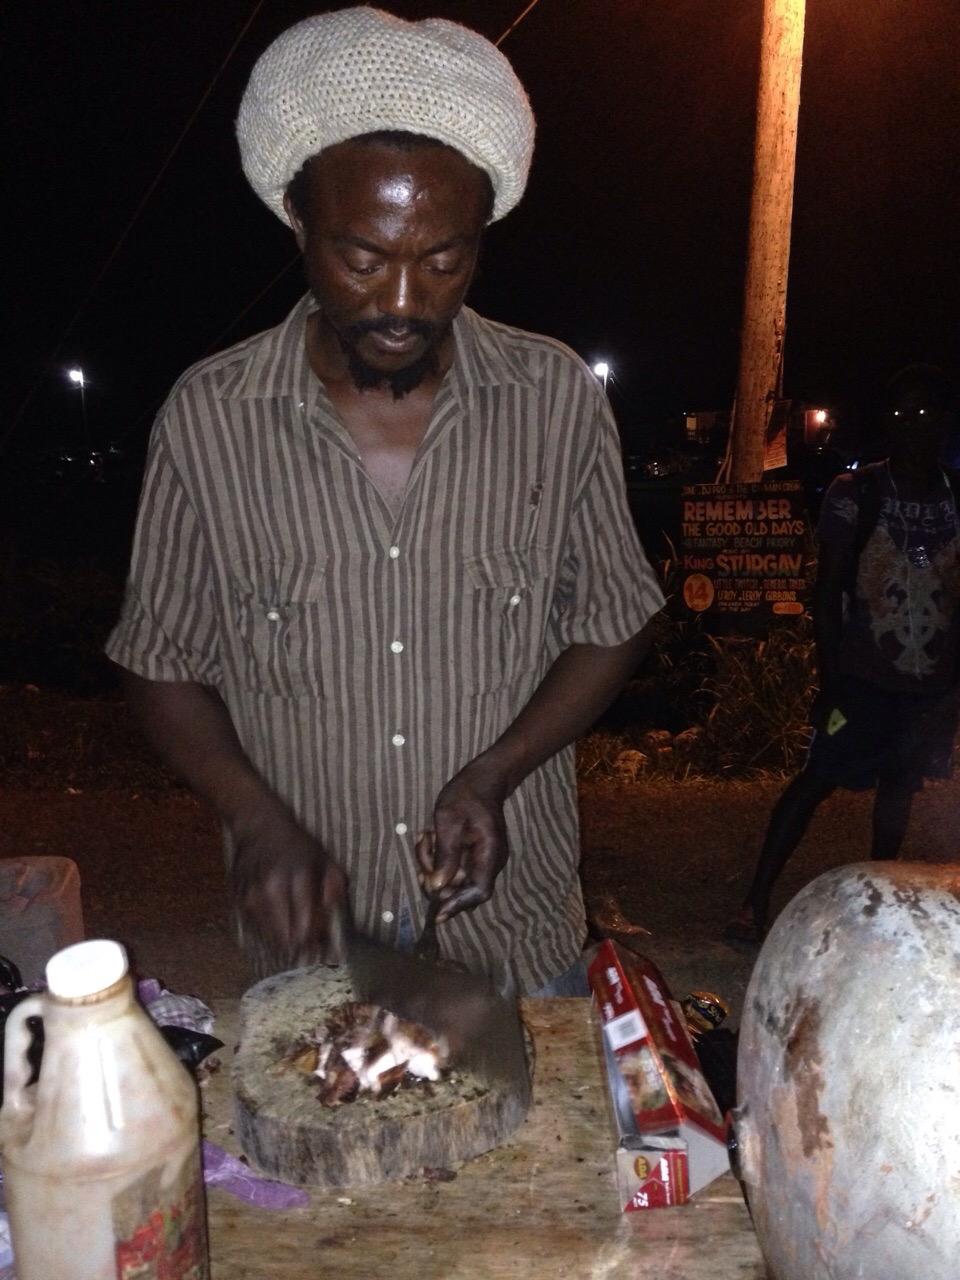 Jerk Chicken Man outside a street party